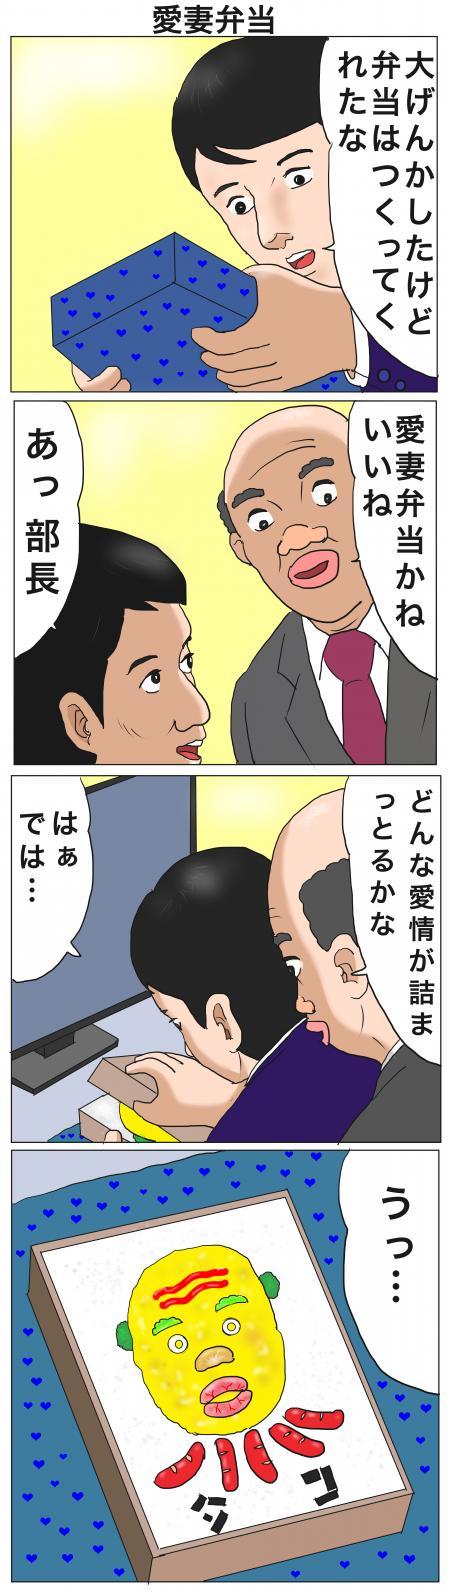 愛妻弁当+のコピー_convert_20150207202613